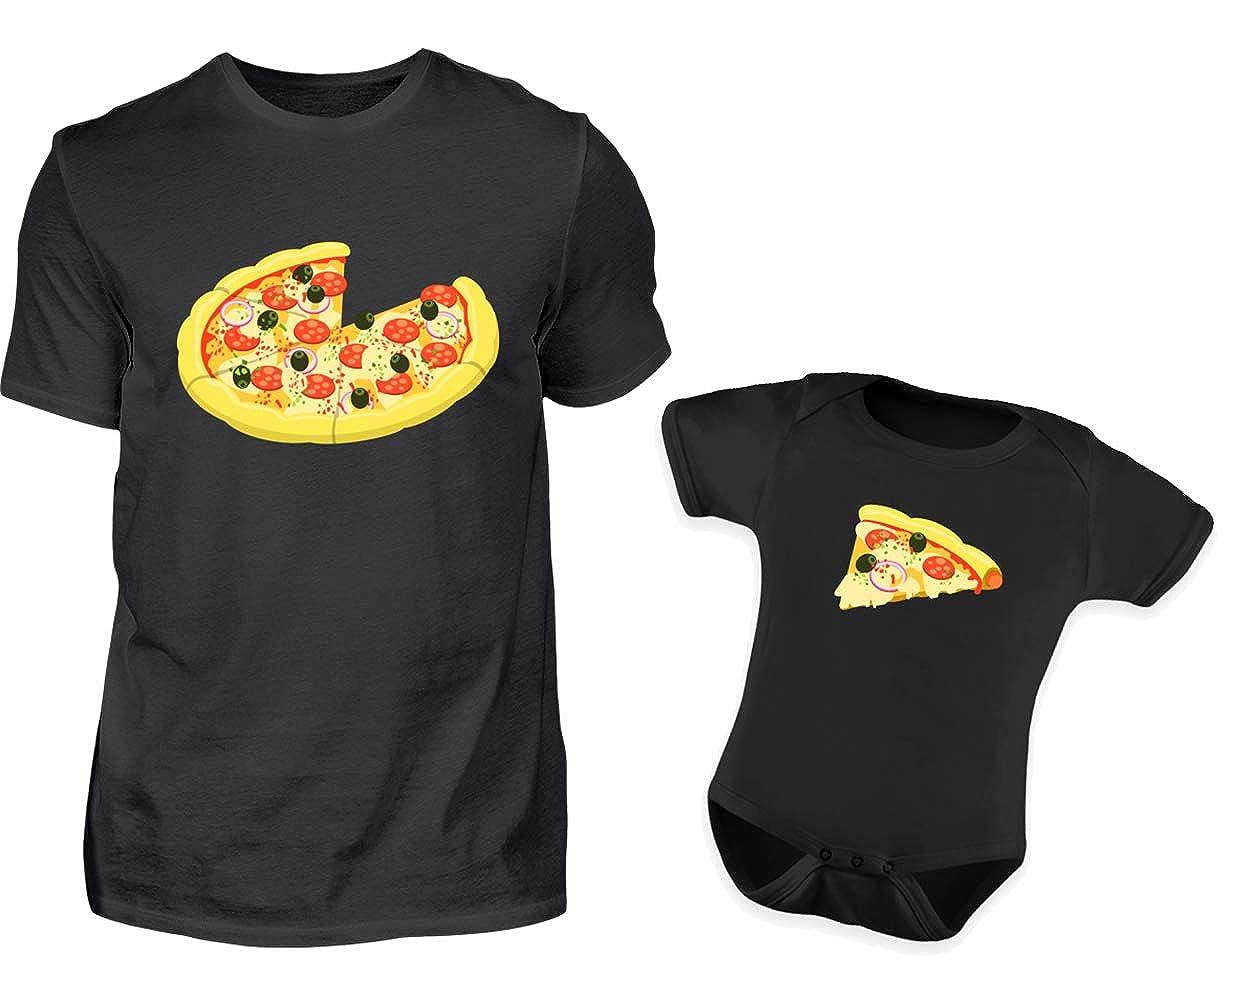 Vater Baby Partnerlook Pizza Tshirt Baby Body Strampler Outfit Set Rundhals Papa Sohn Partner Look Für Herren Und Jungs B07HG979Z5 Bodys & Einteiler Ausgewählte Materialien